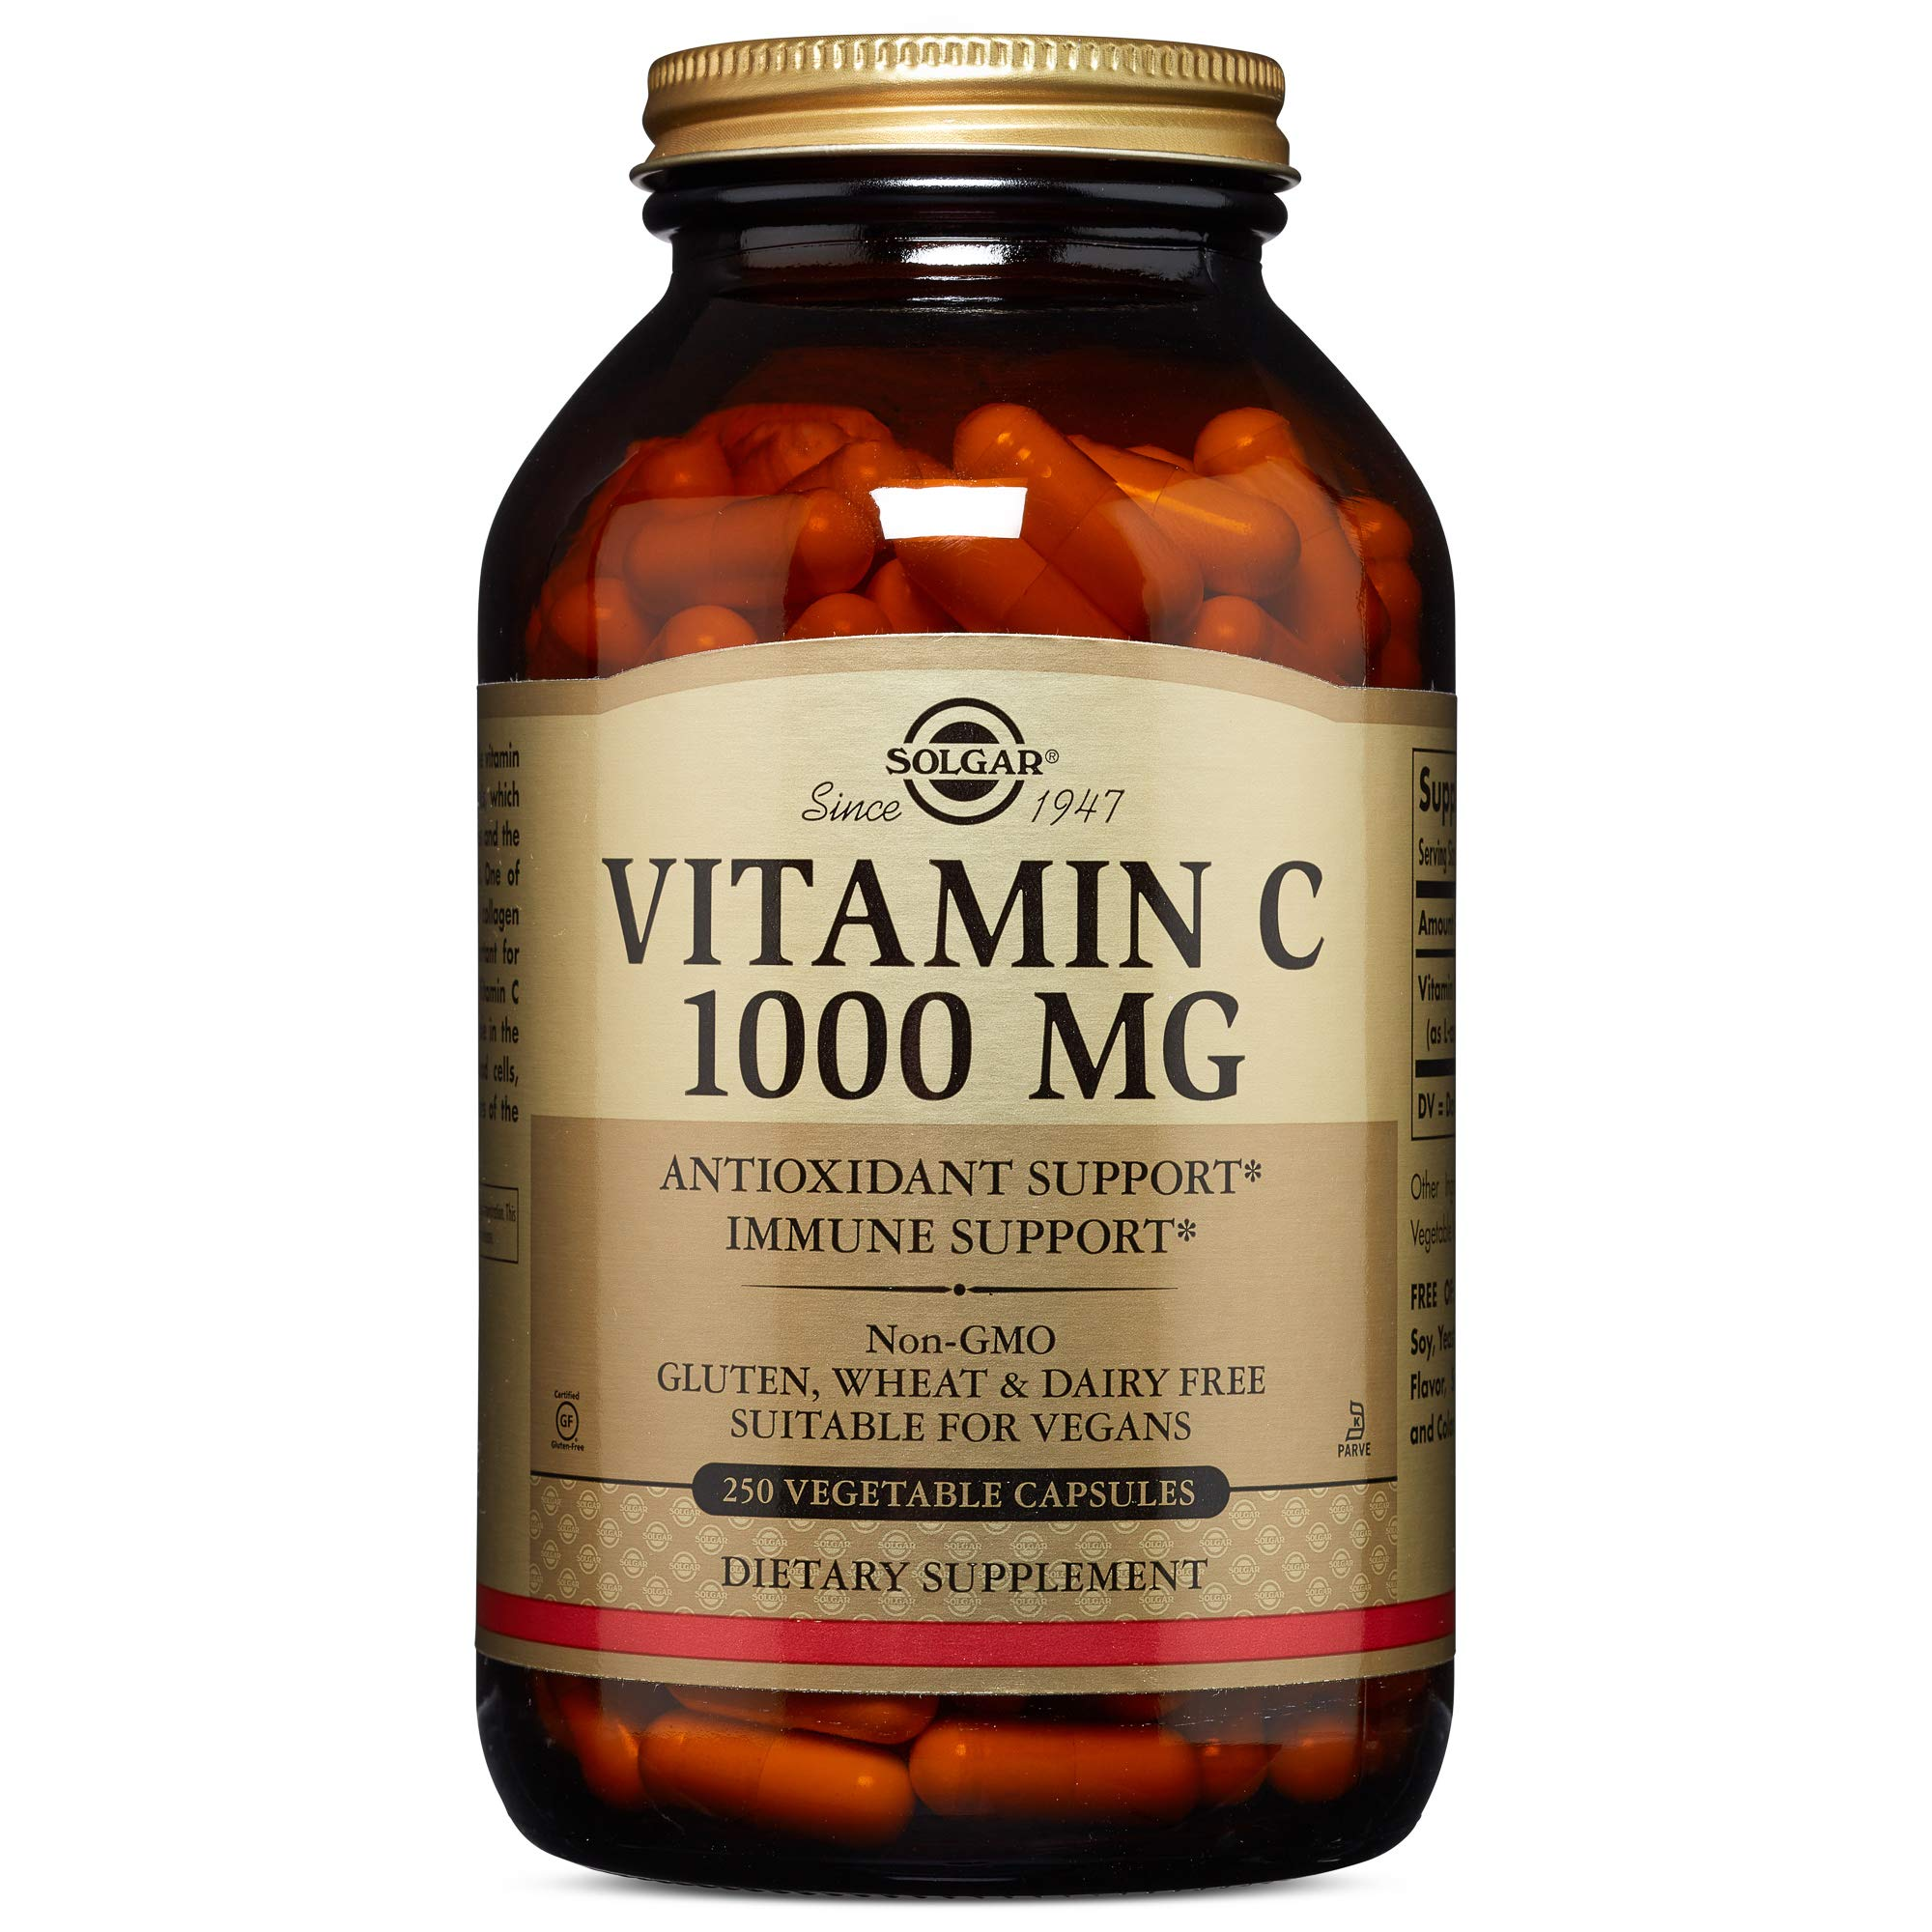 Solgar Vitamin C 1000 mg, 250 Vegetable Capsules by Solgar